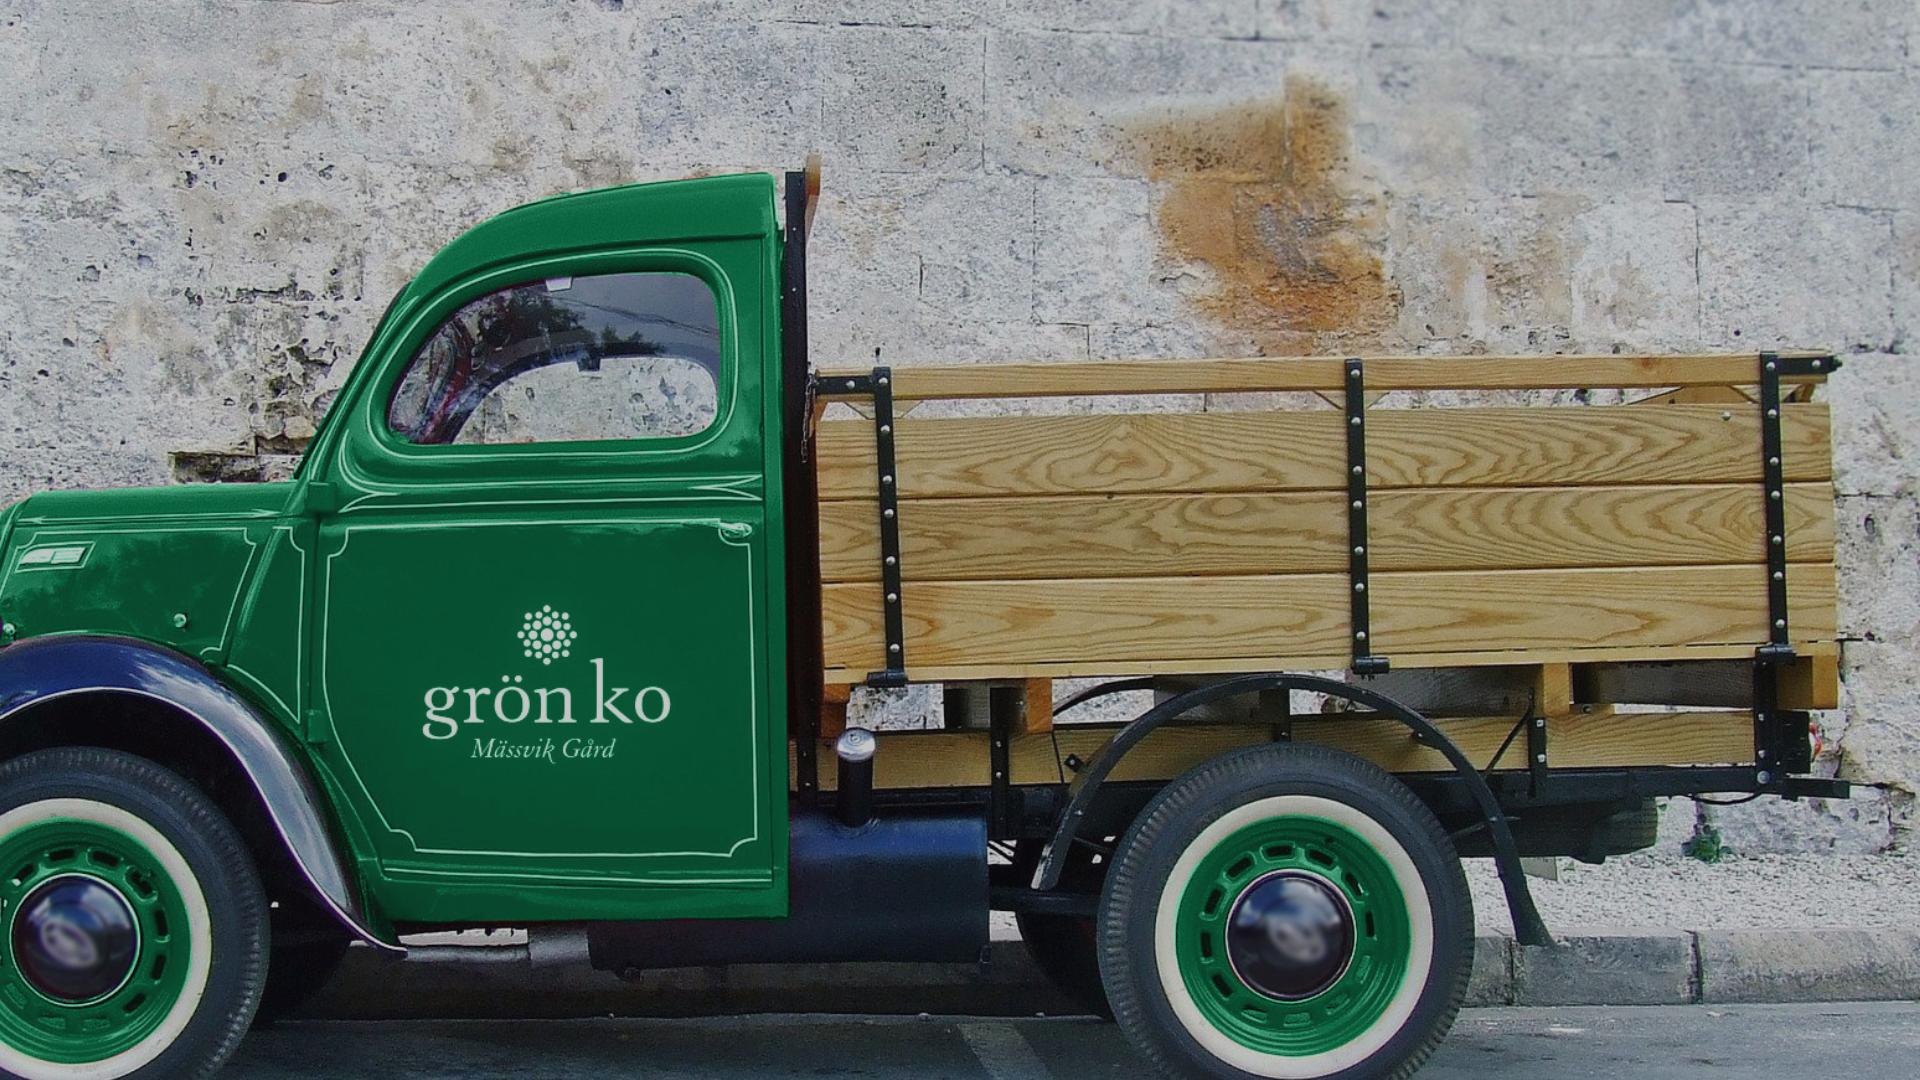 Grön Ko på jobbet! - Måltidstjänst för företag inom Karlstad kommun